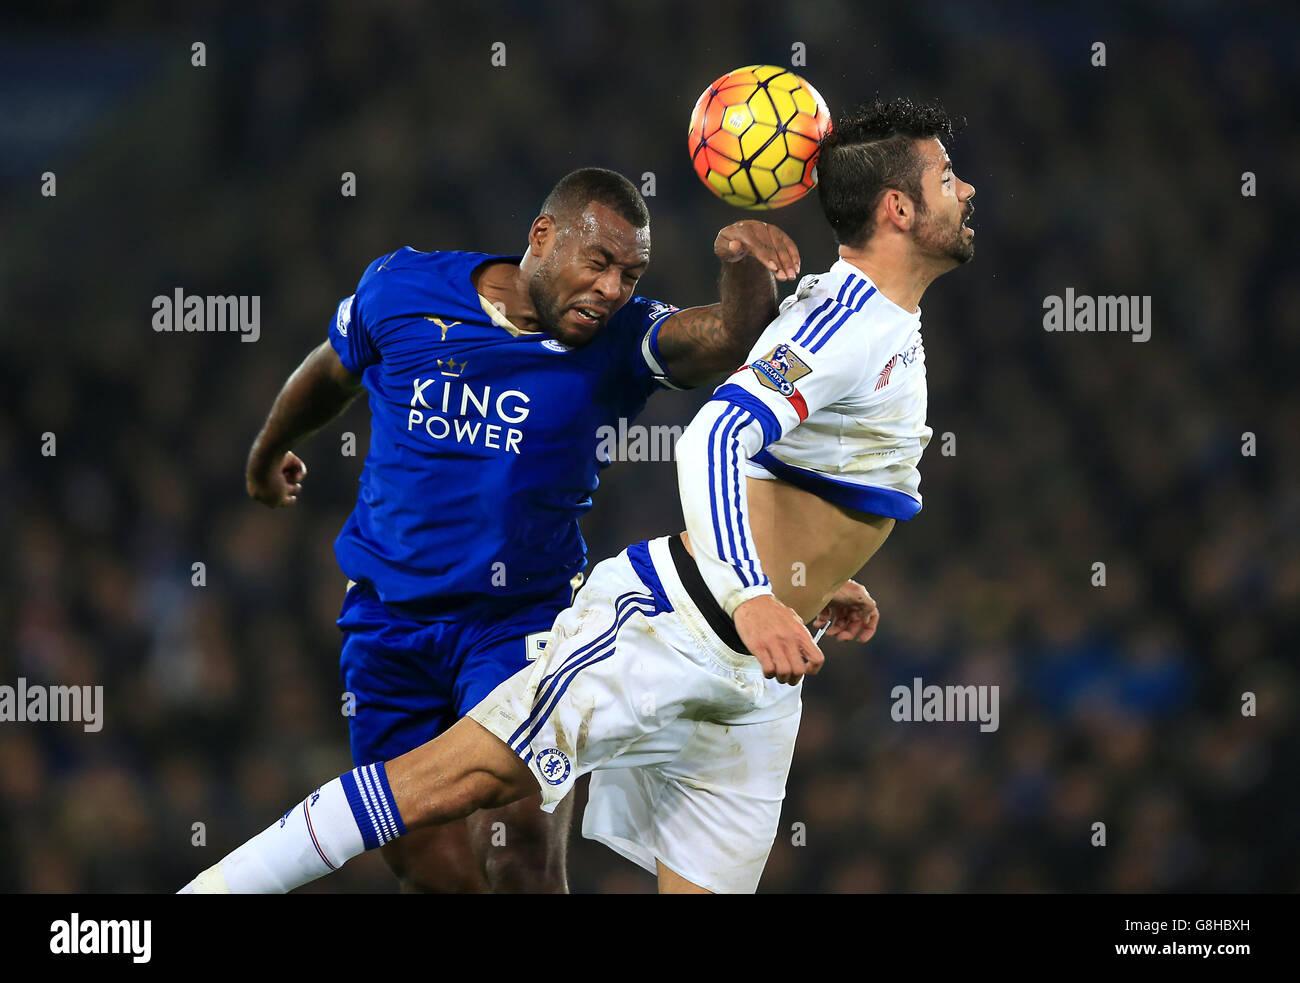 Wes Morgan de Leicester City (izquierda) y Diego Costa de Chelsea batalan por el balón durante el partido de la Barclays Premier League en el King Power Stadium, Leicester. Foto de stock